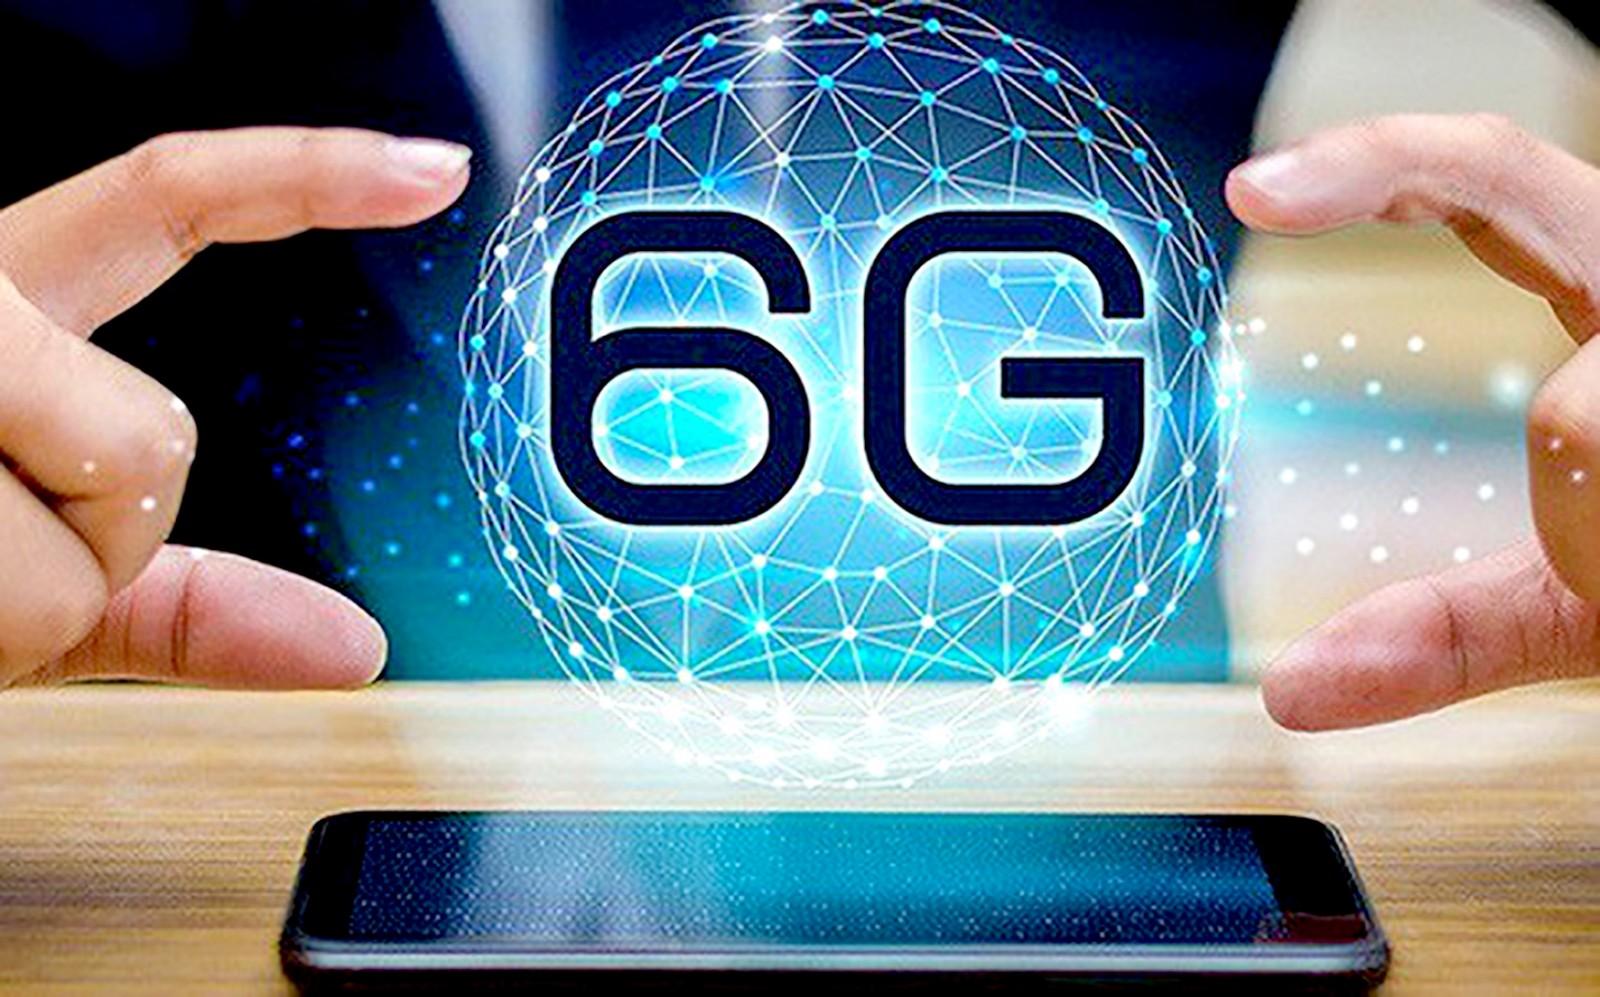 CEO Huawei tuyên bố đã phát triển 6G từ lâu và sẵn sàng nhượng quyền 5G cho Mỹ - 3